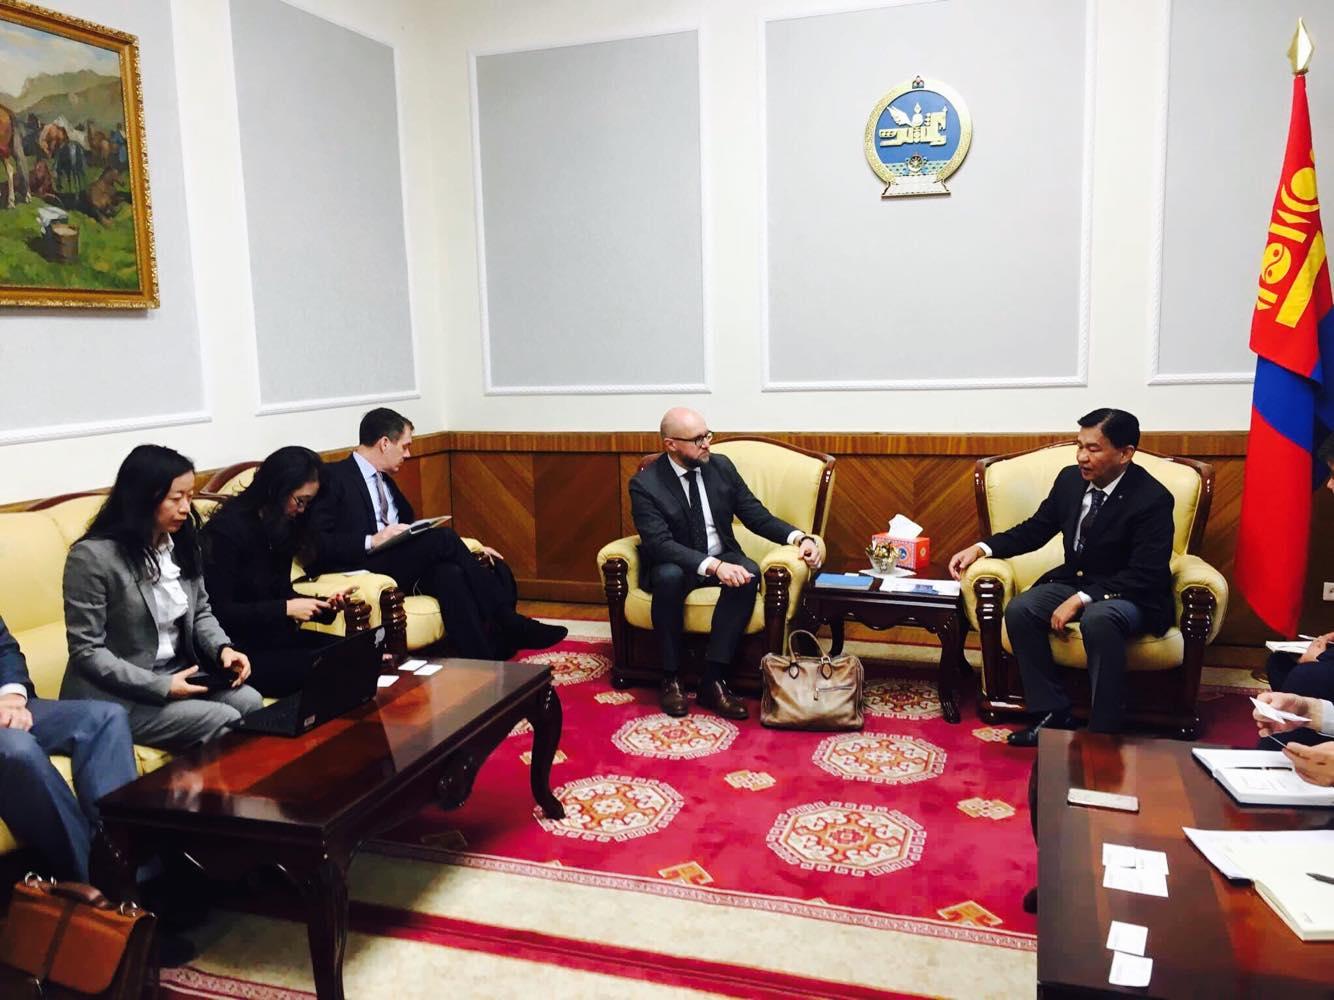 Азийн дэд бүтцийн хөрөнгө оруулалтын банкны төлөөлөгчдийг хүлээн авч уулзлаа